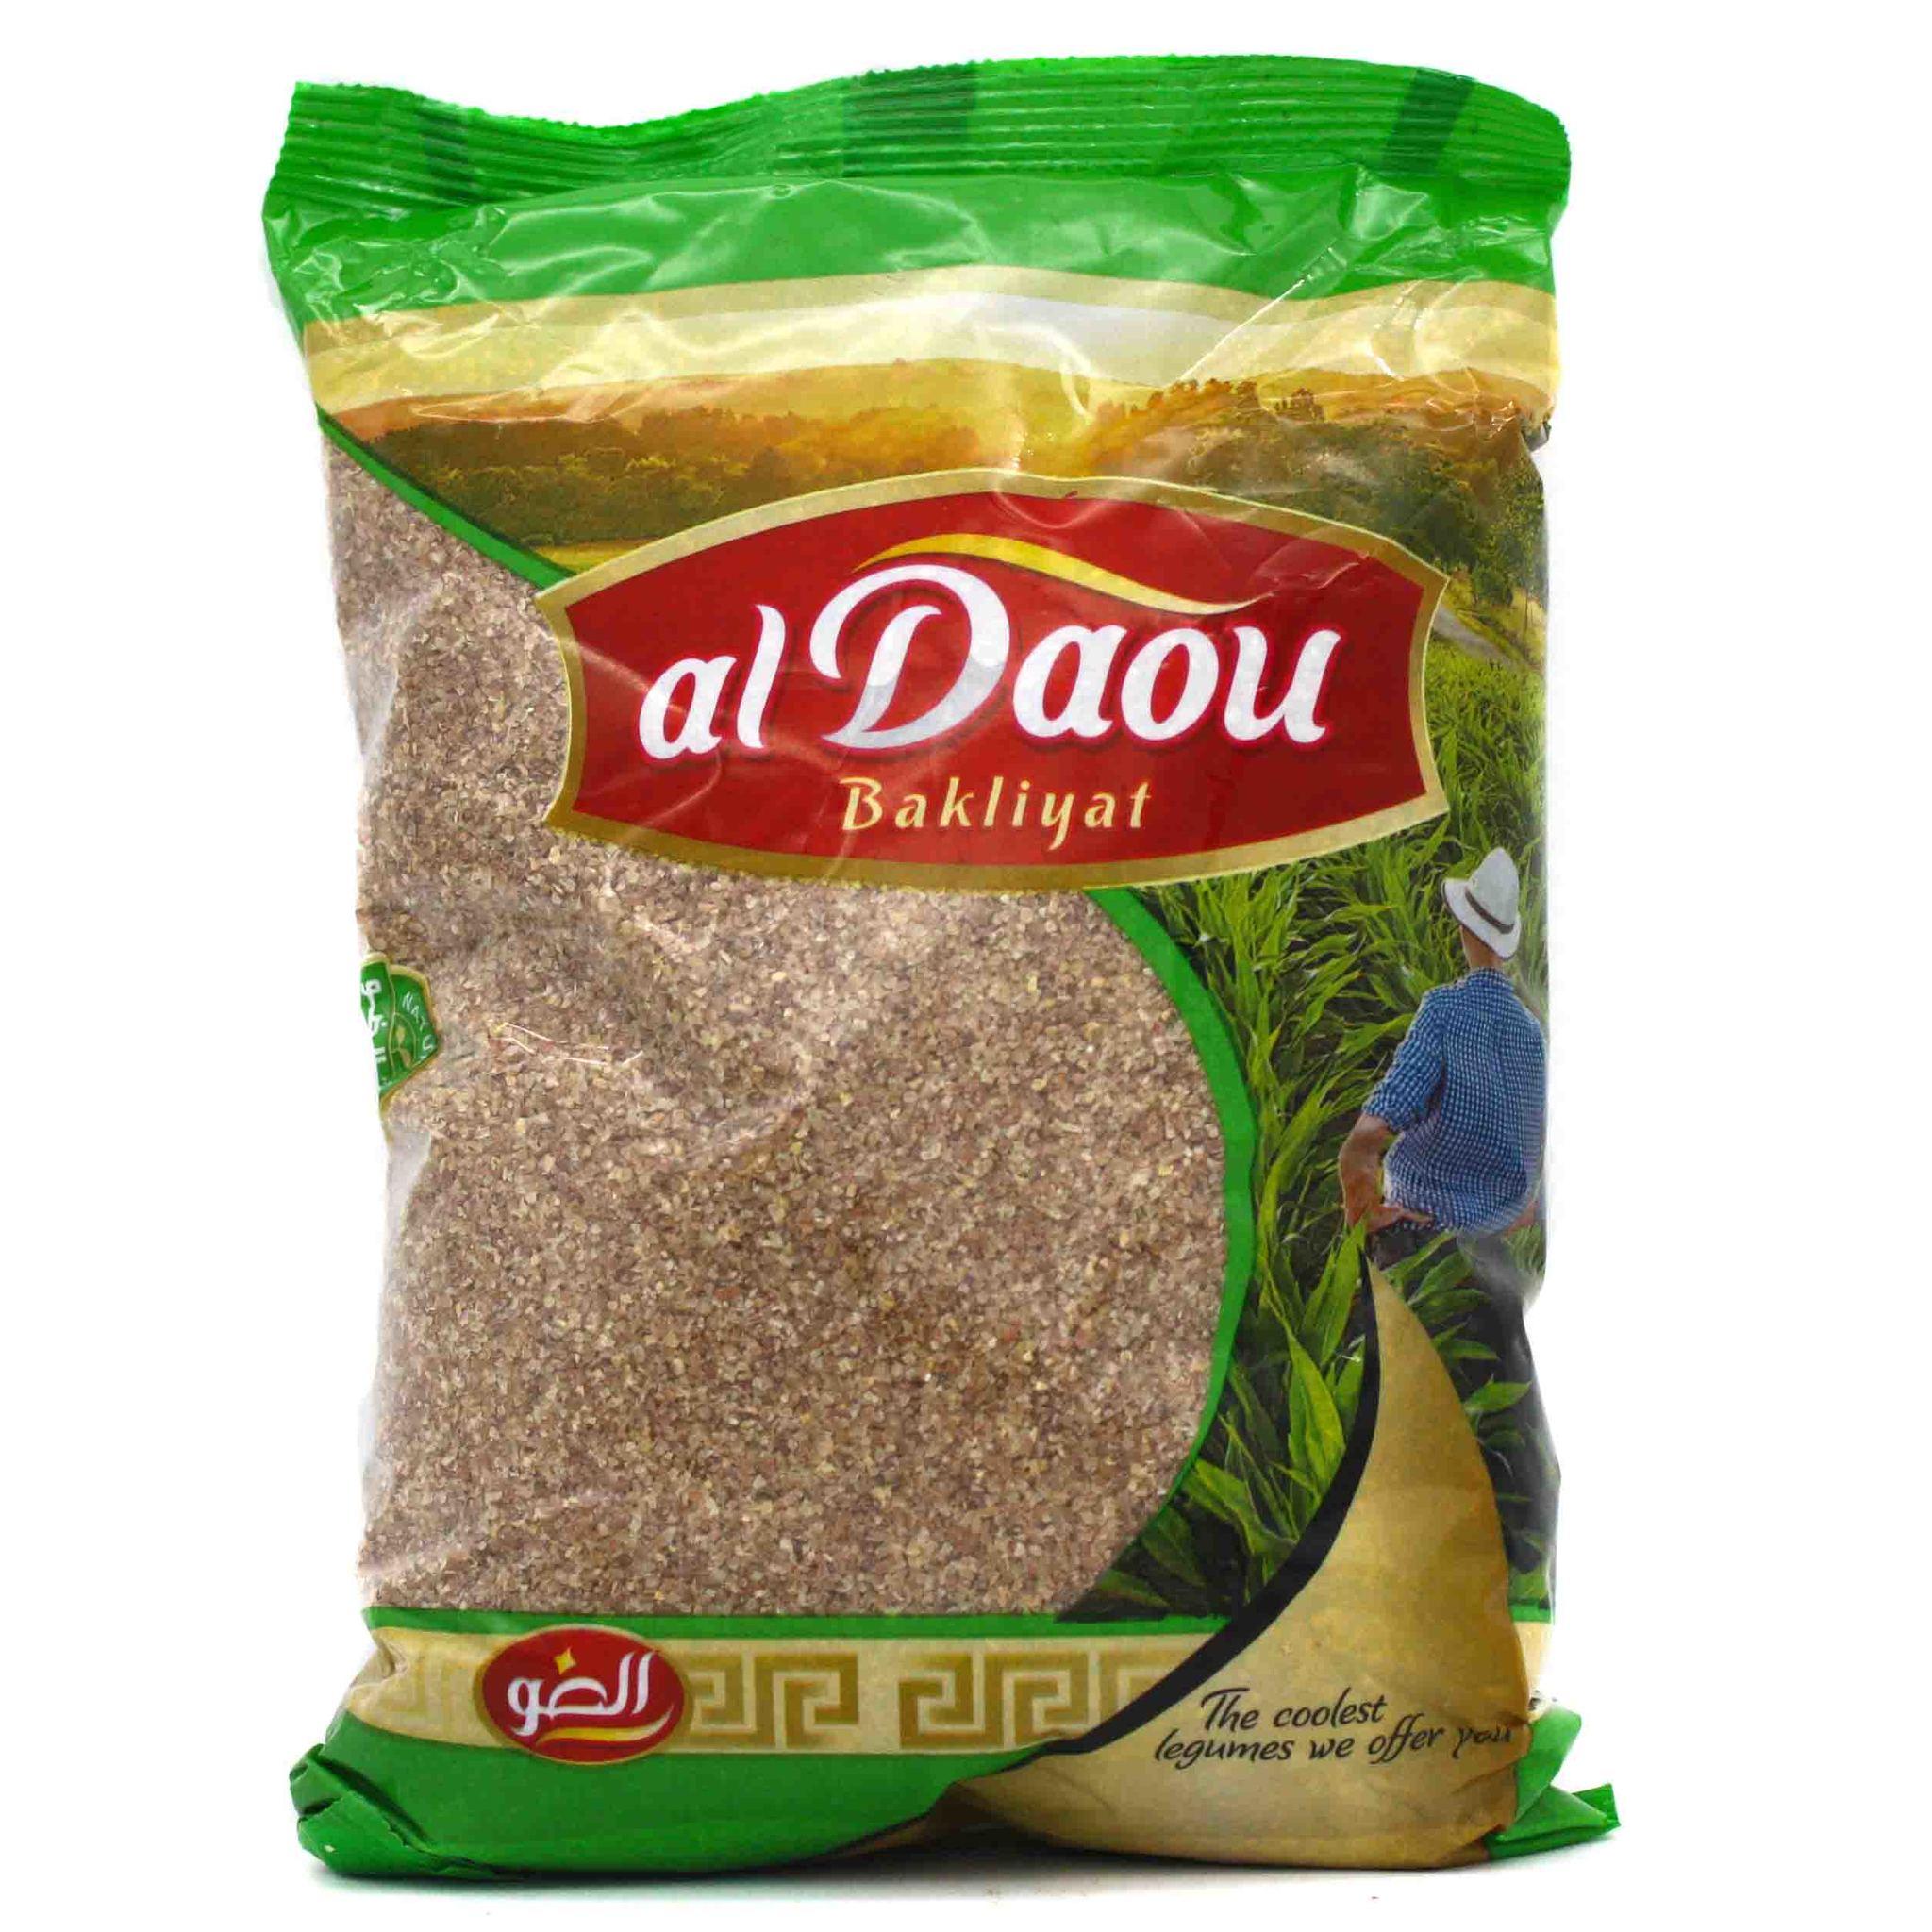 Крупа Булгур темный, Al Daou, 1000 г import_files_a3_a3b85a98549311eaa9c7484d7ecee297_090c3e98593c11eaa9c7484d7ecee297.jpg